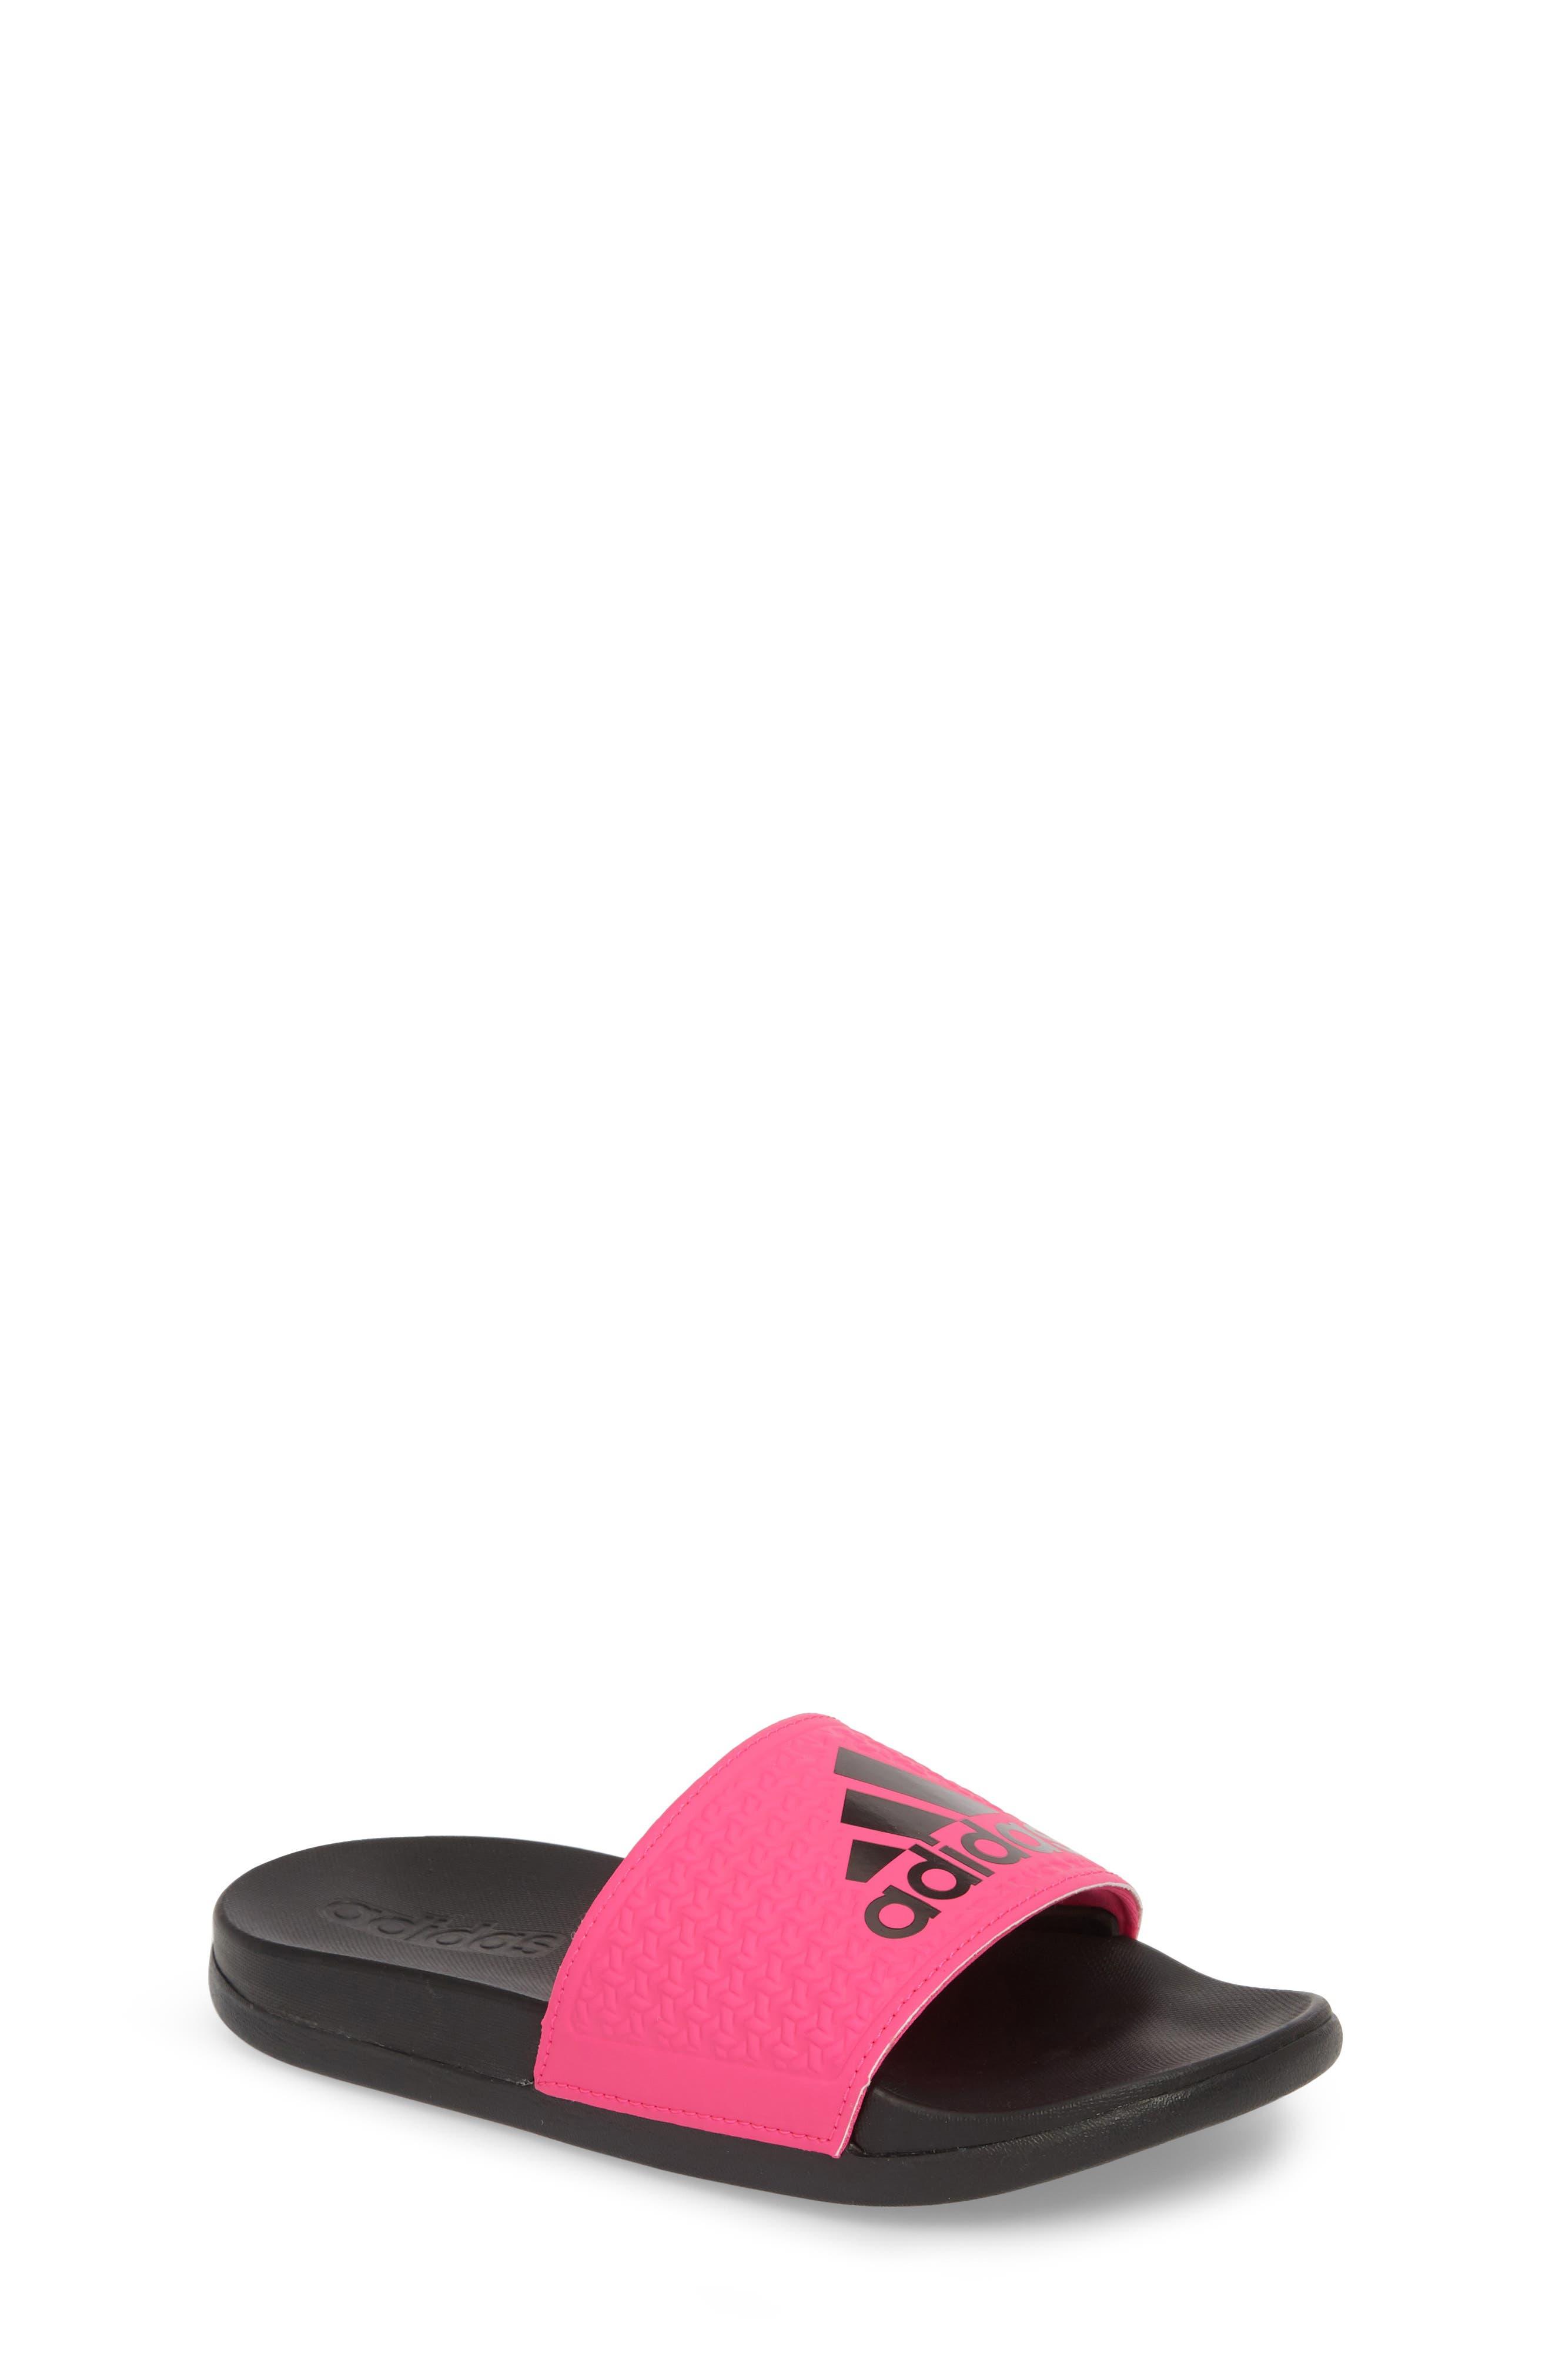 bambino le adidas scarpe rosa (dimensioni 12) nordstrom